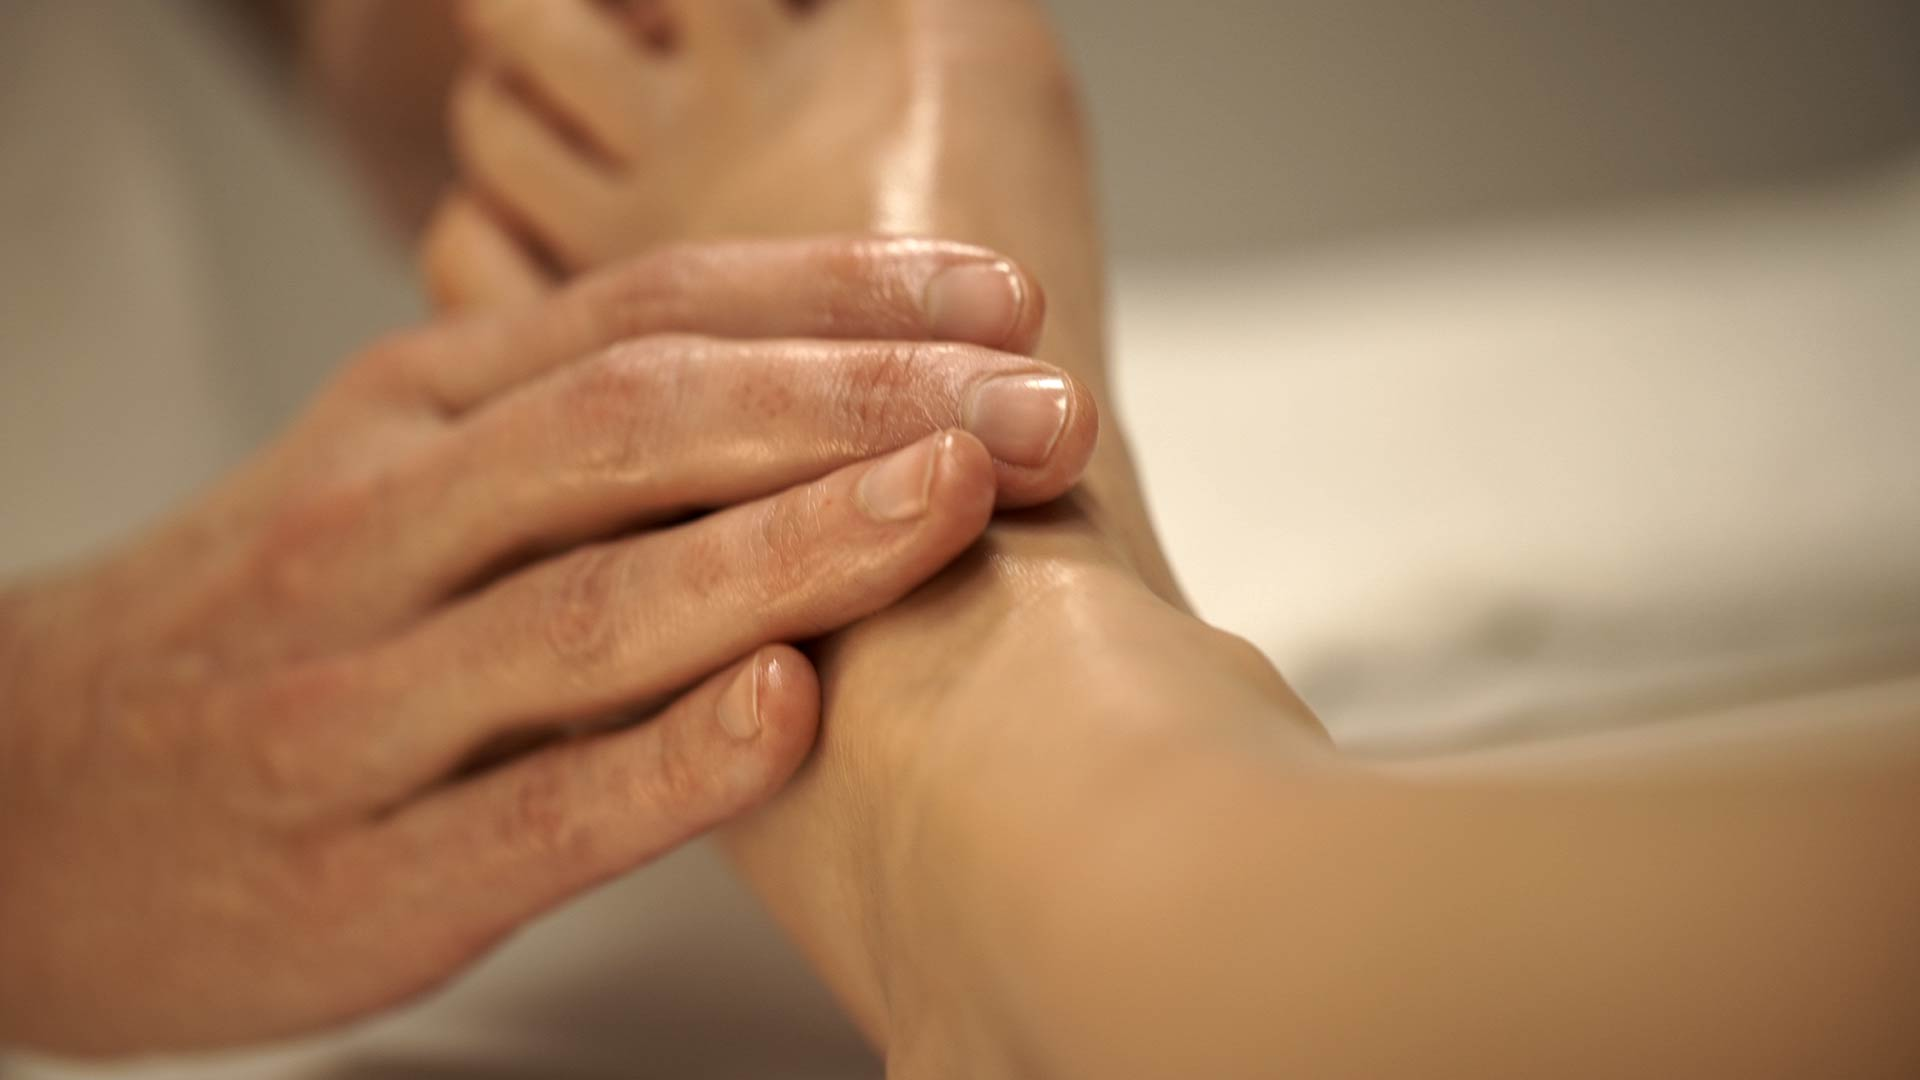 Ízületi kopás és kezelése - Budai FájdalomKözpont